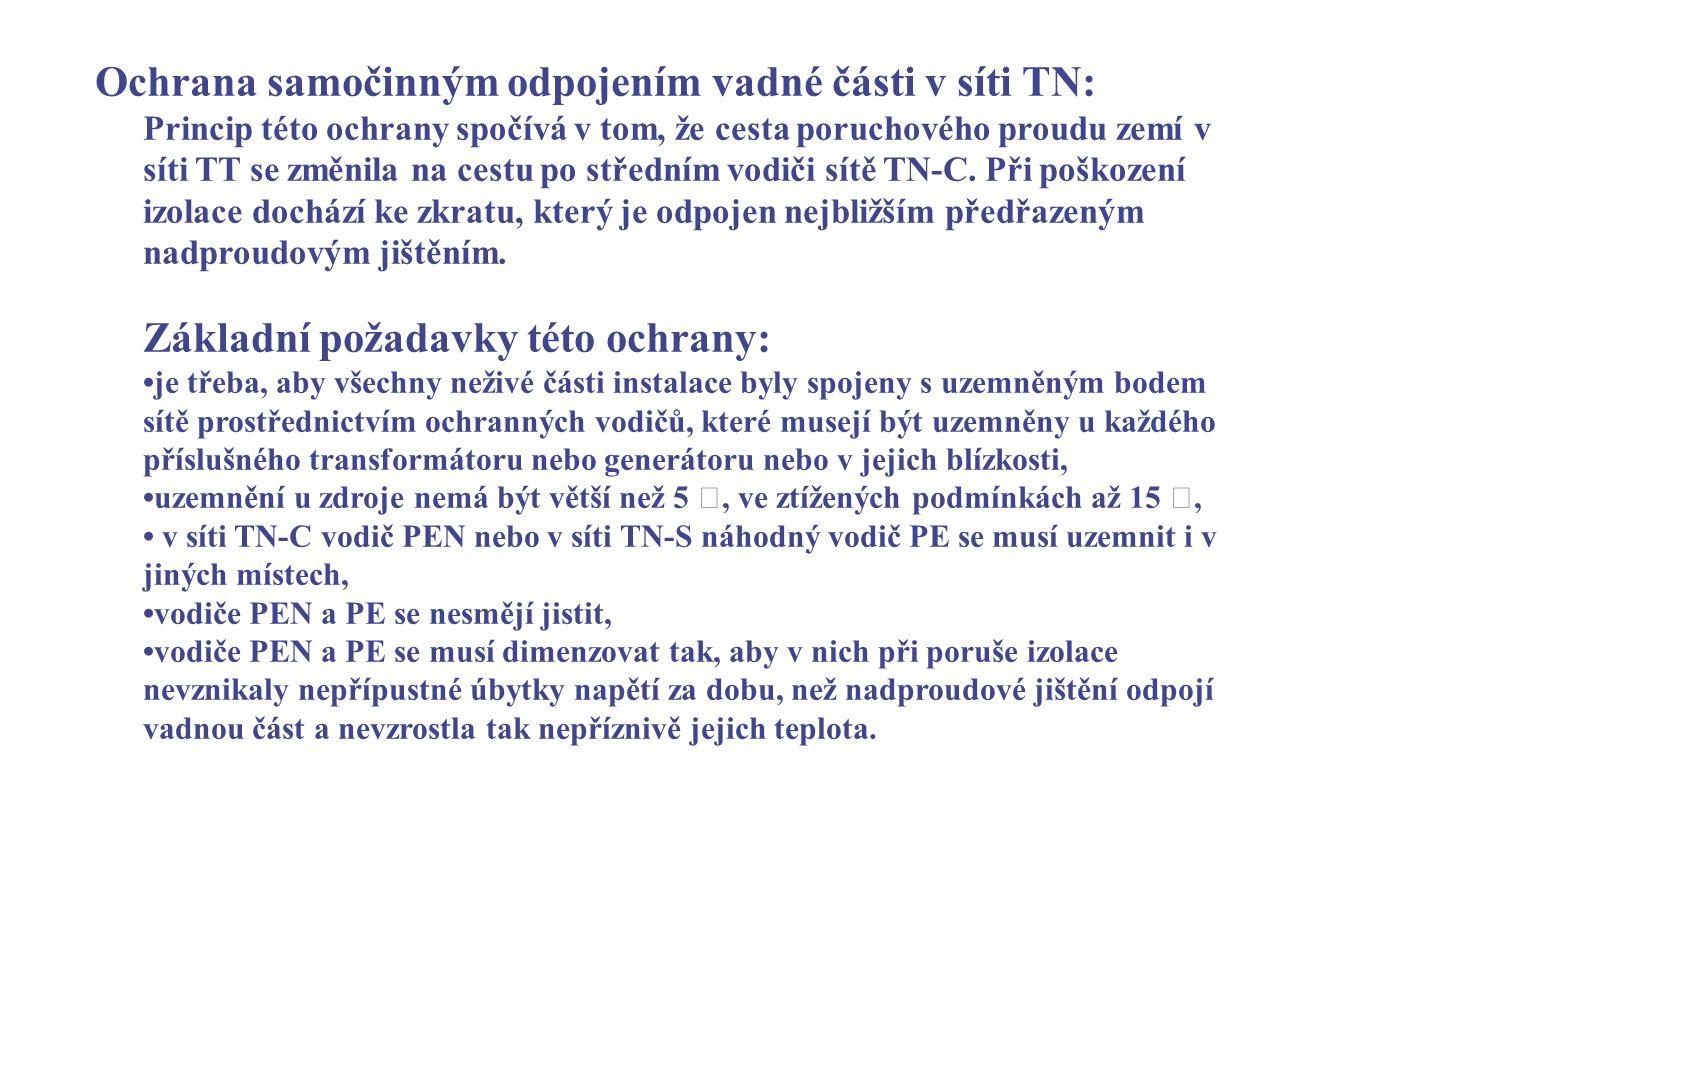 Ochrana samočinným odpojením vadné části v síti TN: Princip této ochrany spočívá v tom, že cesta poruchového proudu zemí v síti TT se změnila na cestu